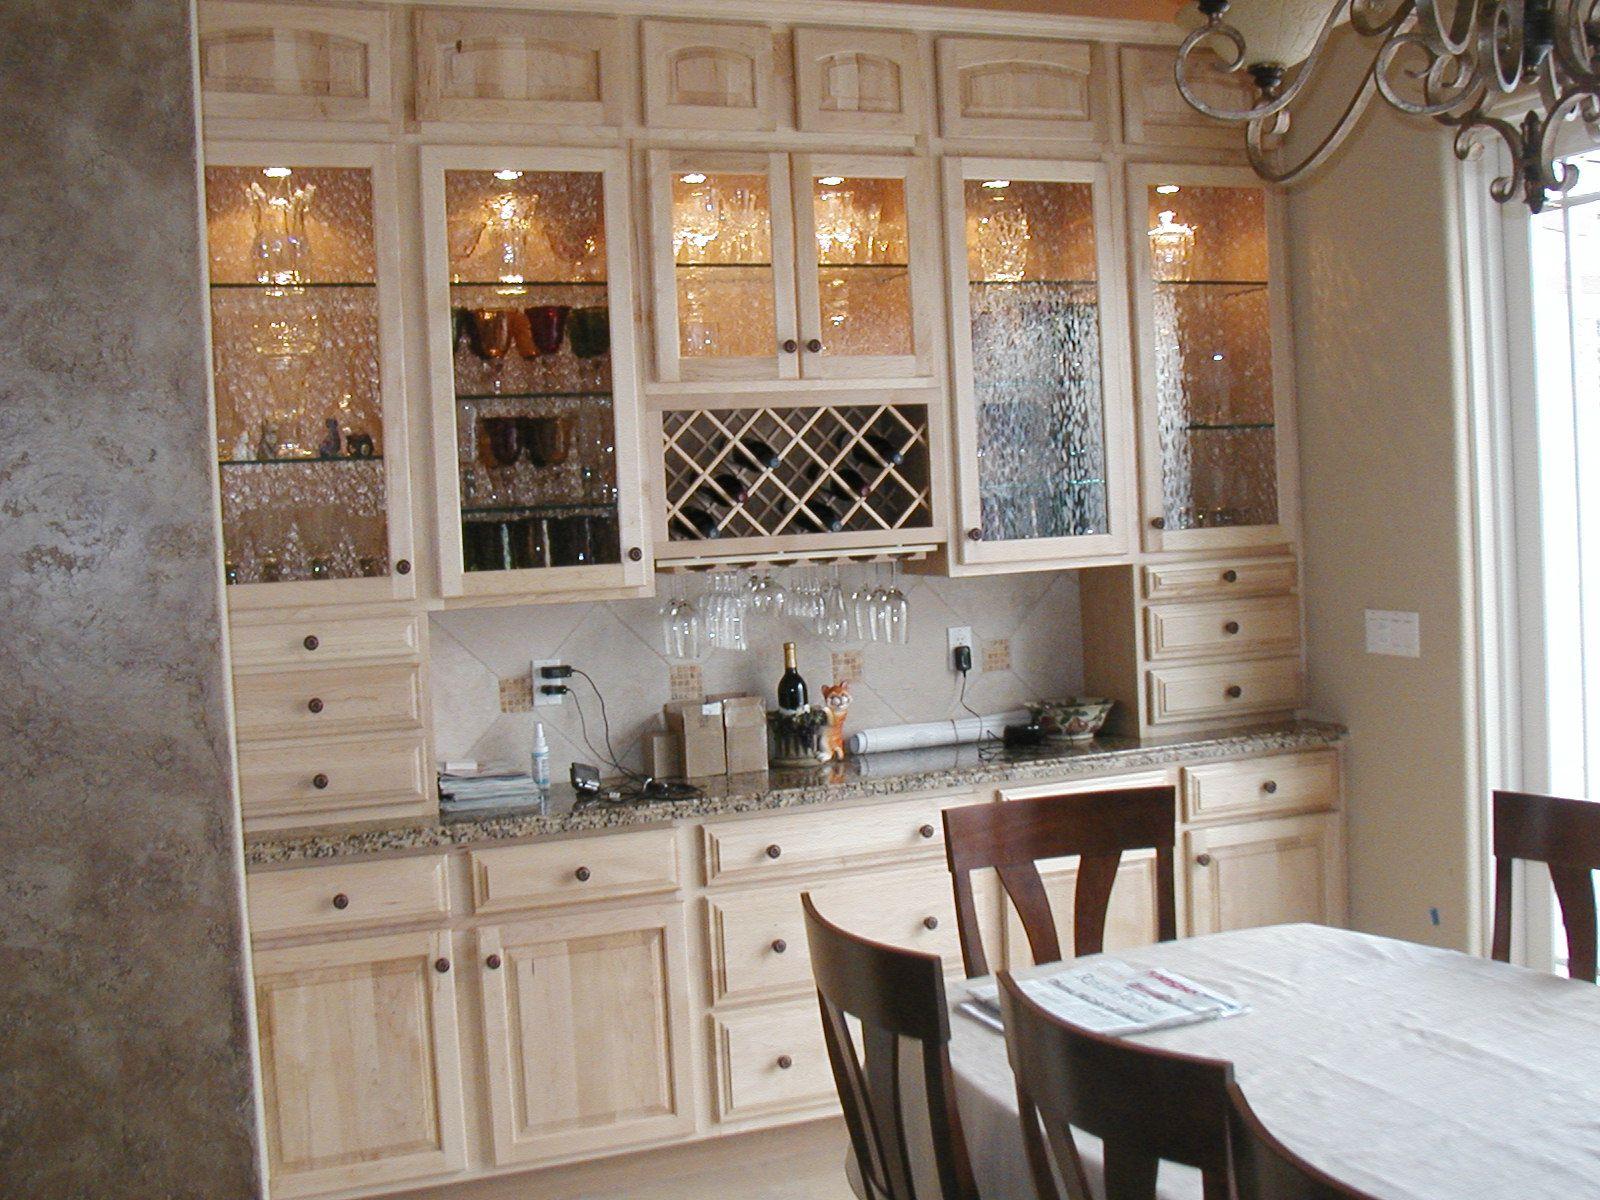 Küchenschränke mit hohen decken atemberaubende reface ihre küche schränke  das farbschema das